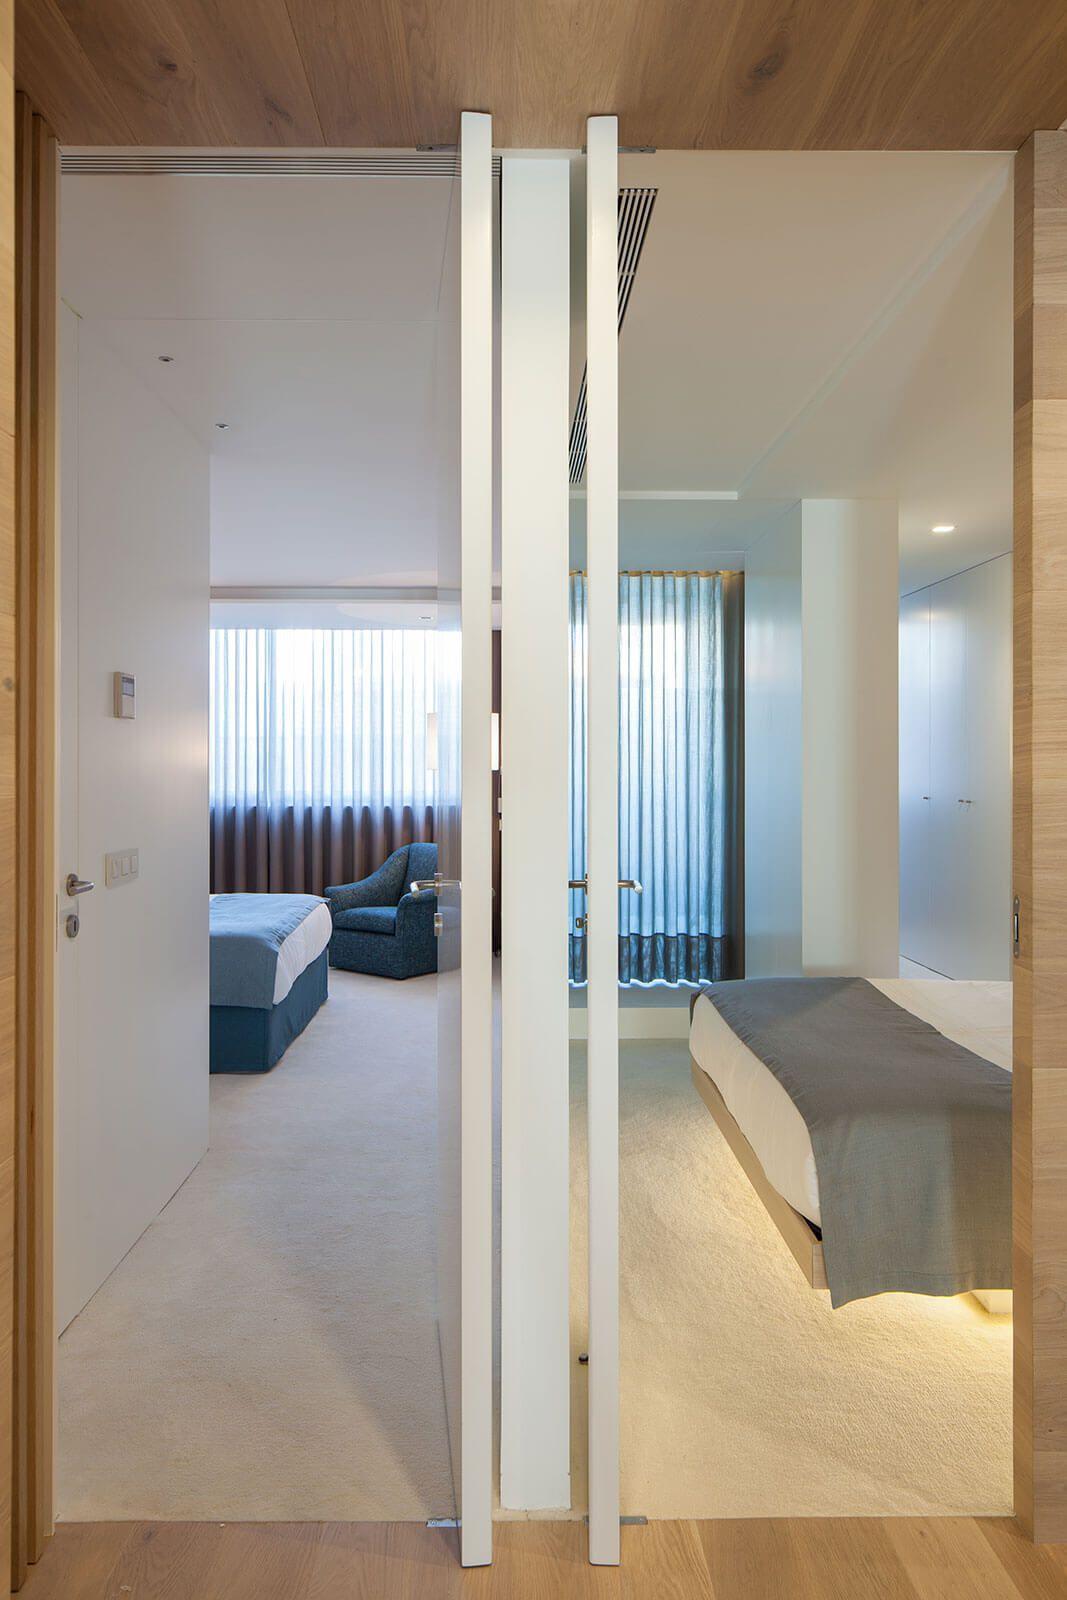 white and wood modern interior deisgn